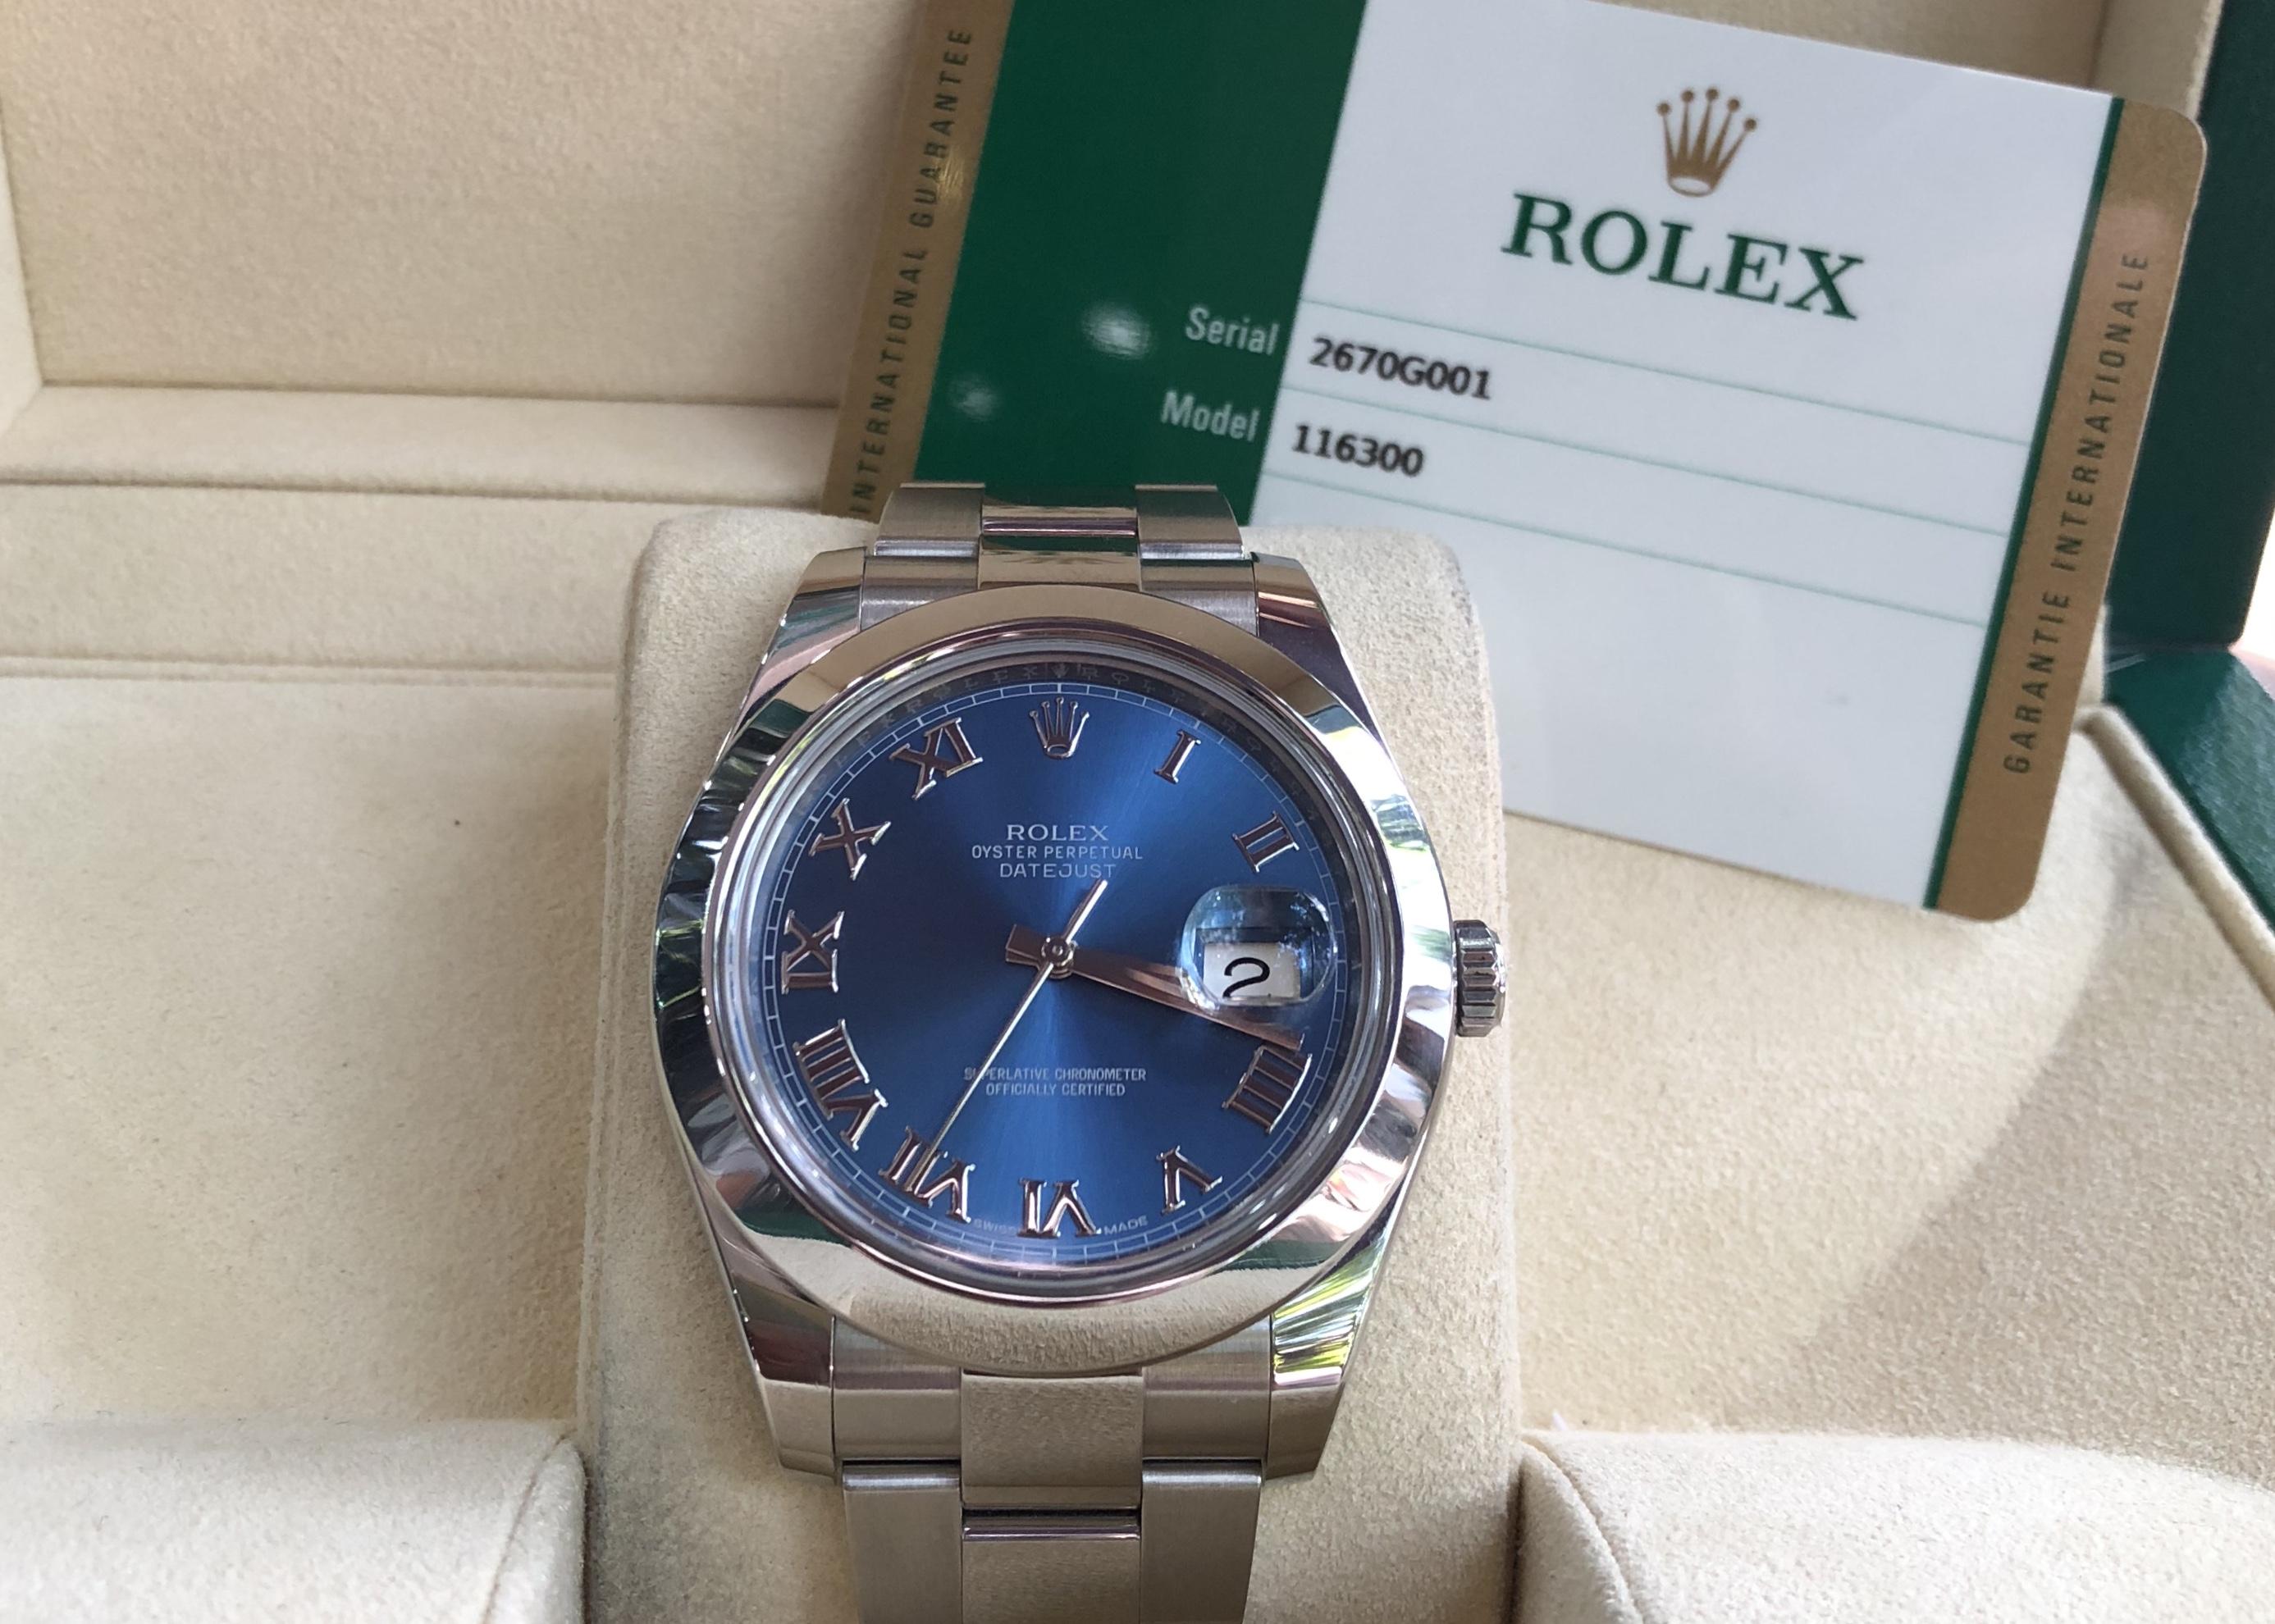 Rolex 116300 mặt xanh cọc số la mã sản xuất năm 2017